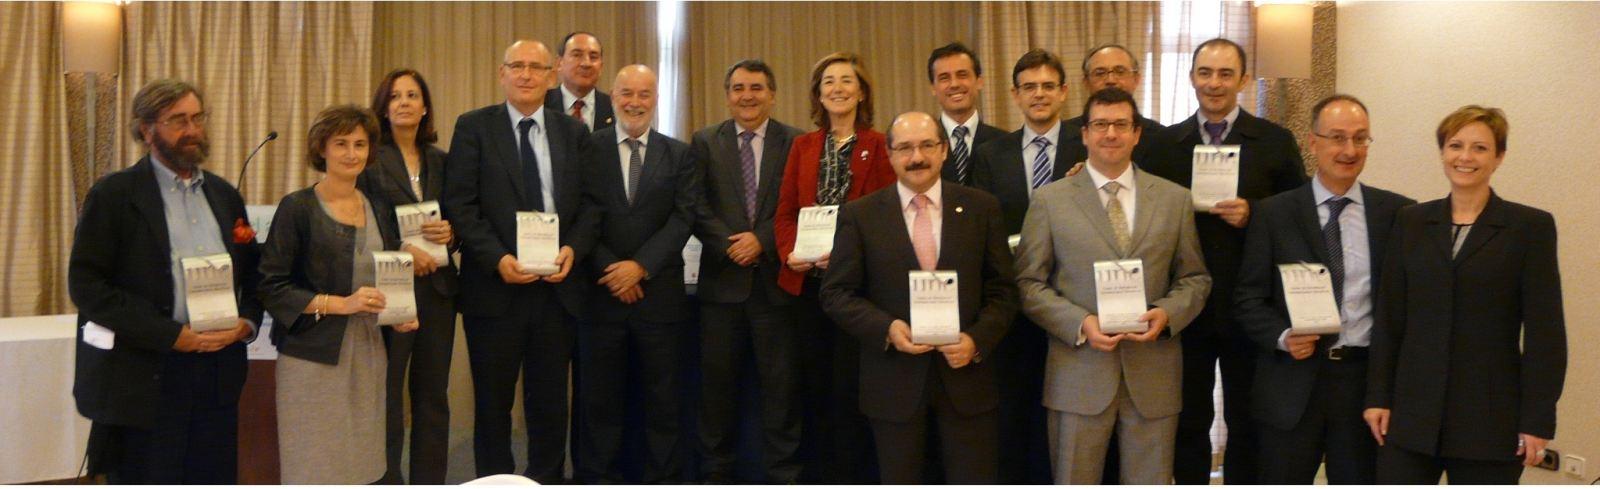 Premios Nacionales de Edición Universitaria 2011. Foto: Rosa de Bustos